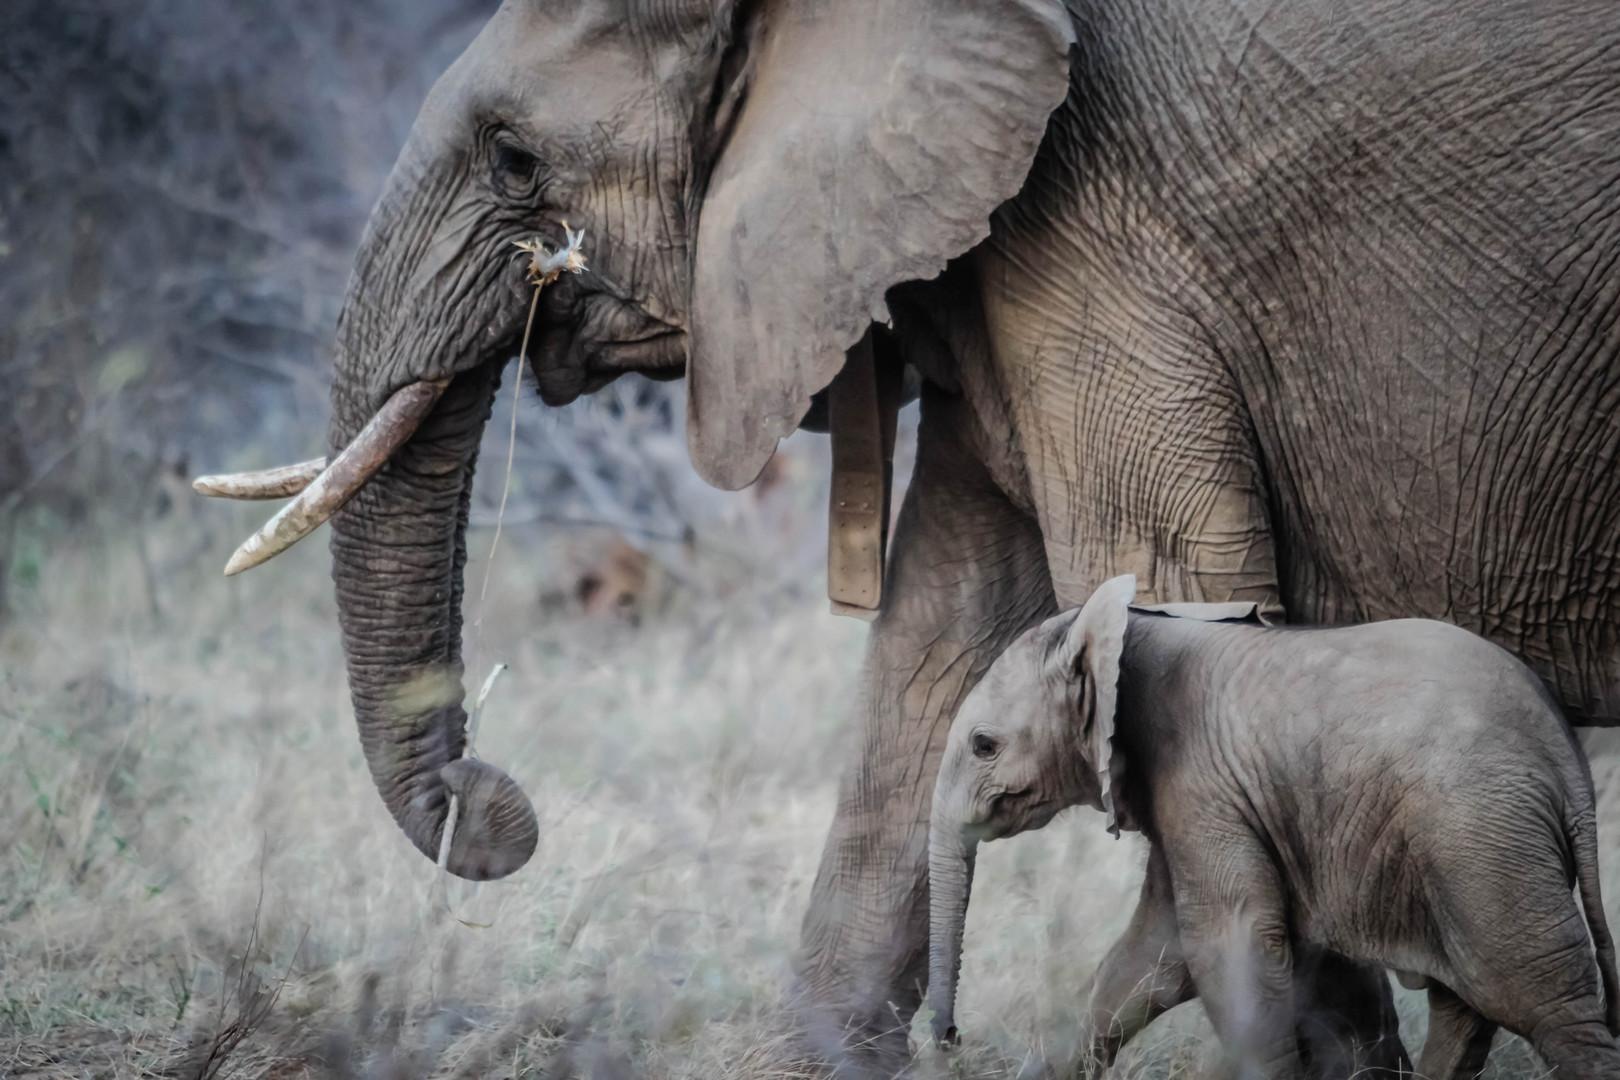 Adultes et bébé éléphant